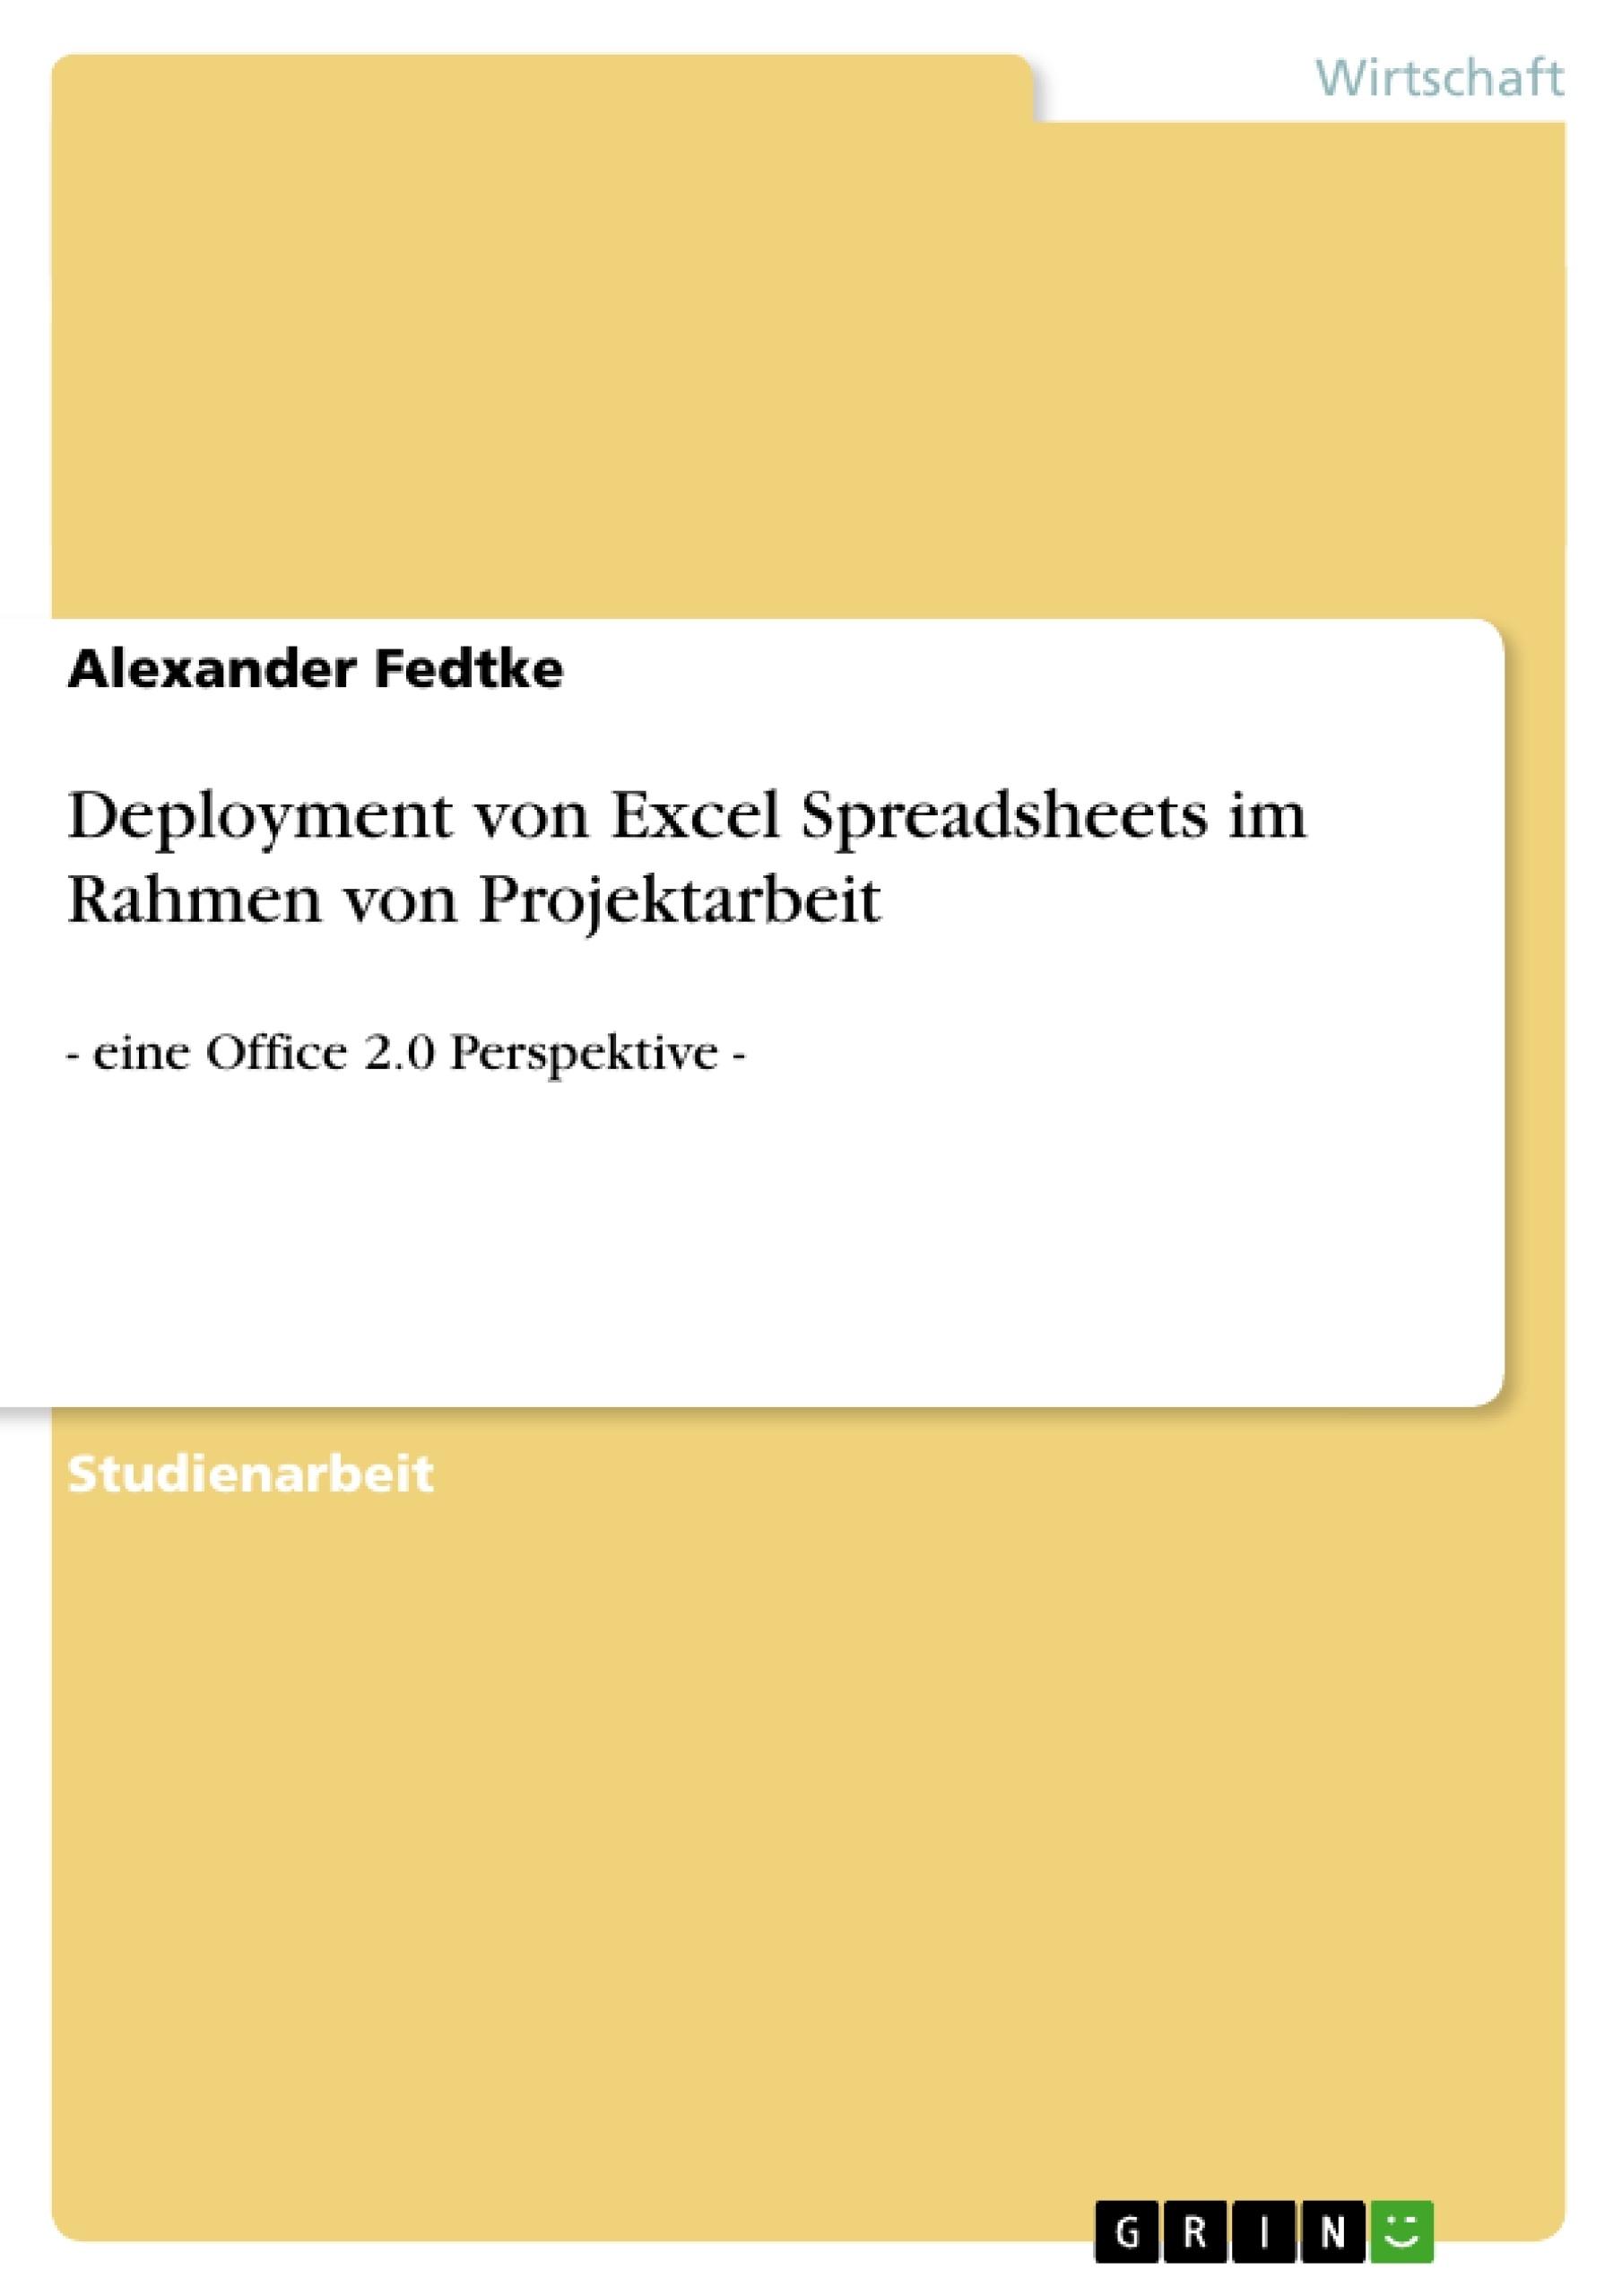 Nett Rahmen Excel Bild Galerie - Bilderrahmen Ideen - szurop.info